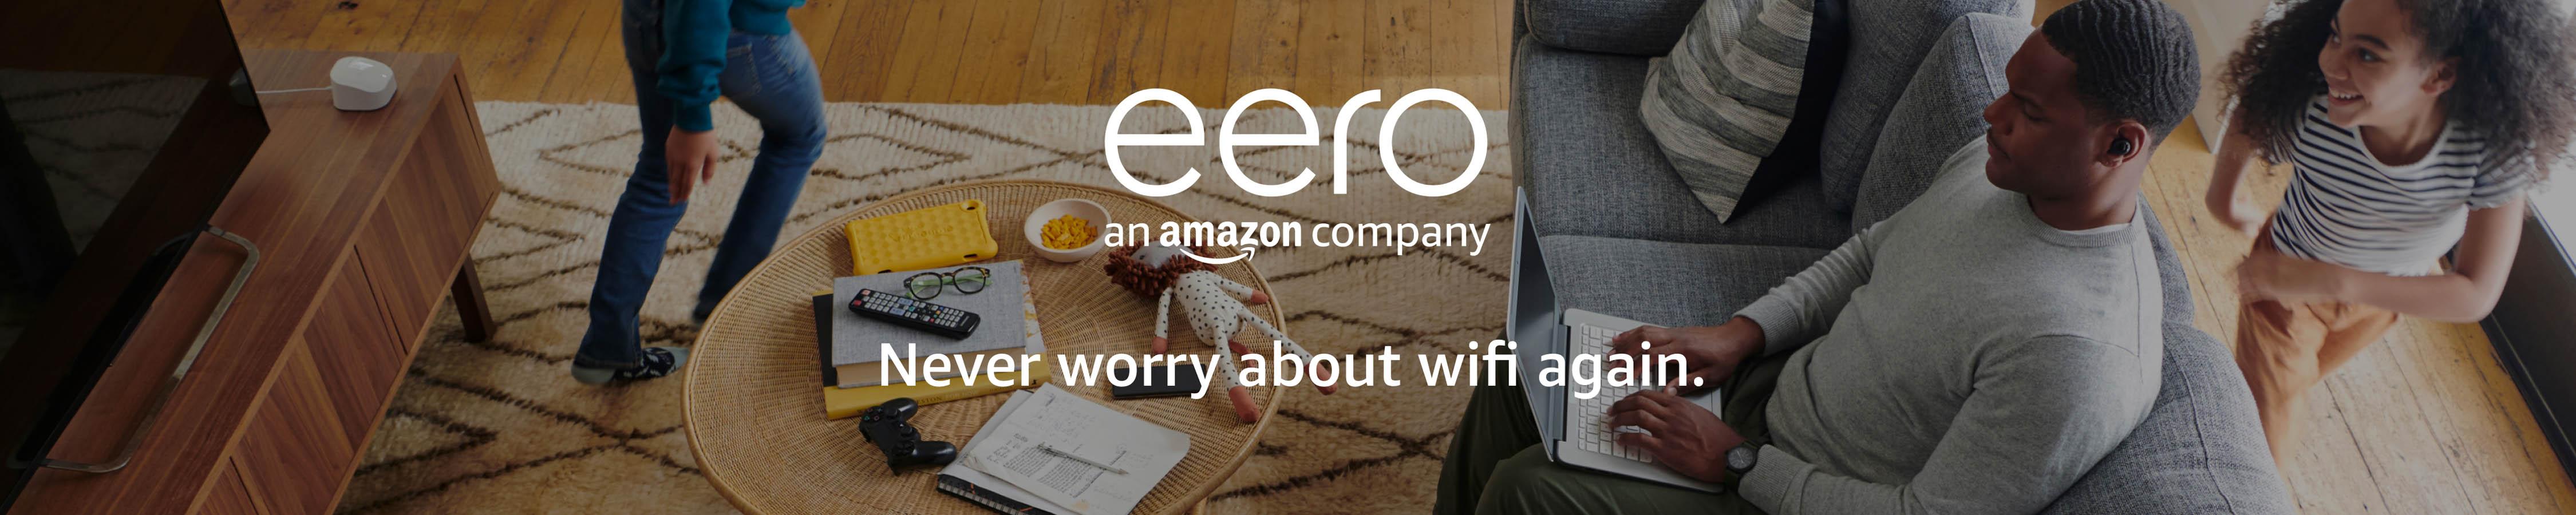 eero an amazon company